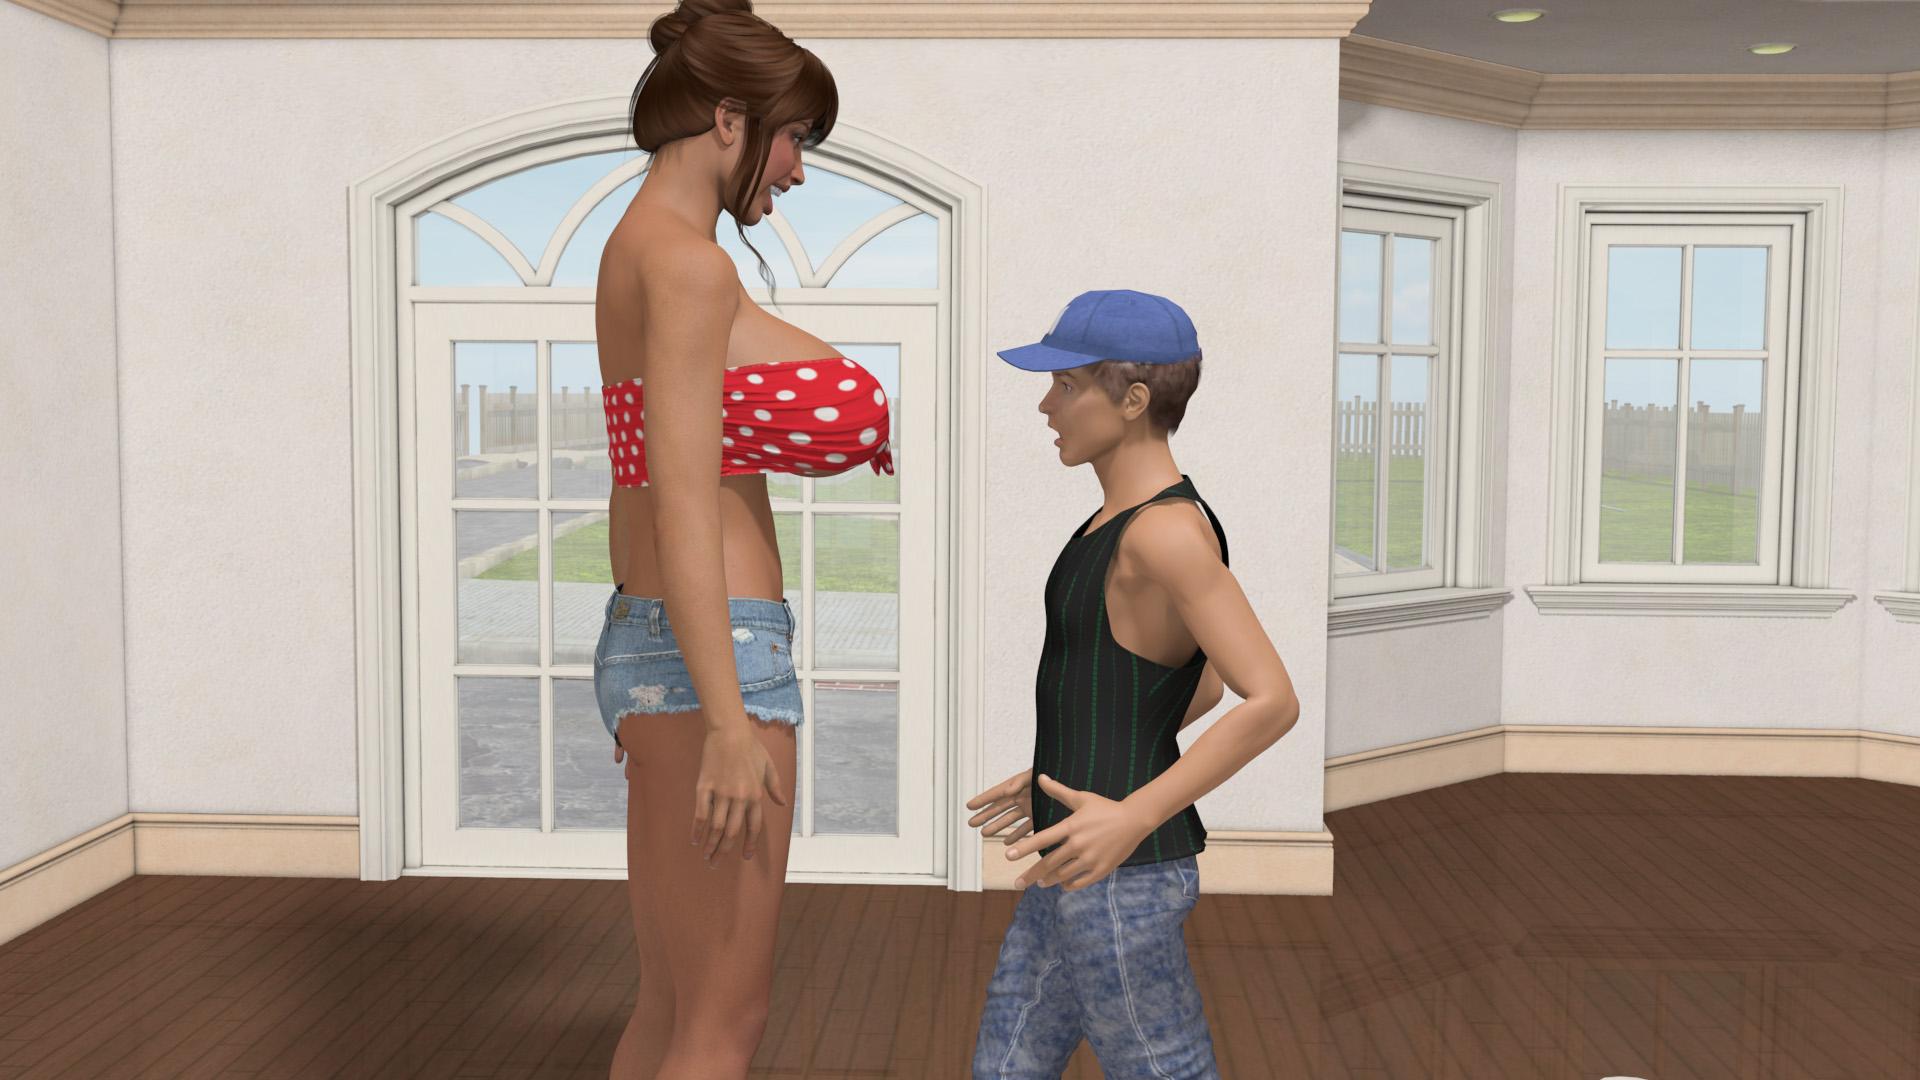 Mini giantess 3d video sex pic